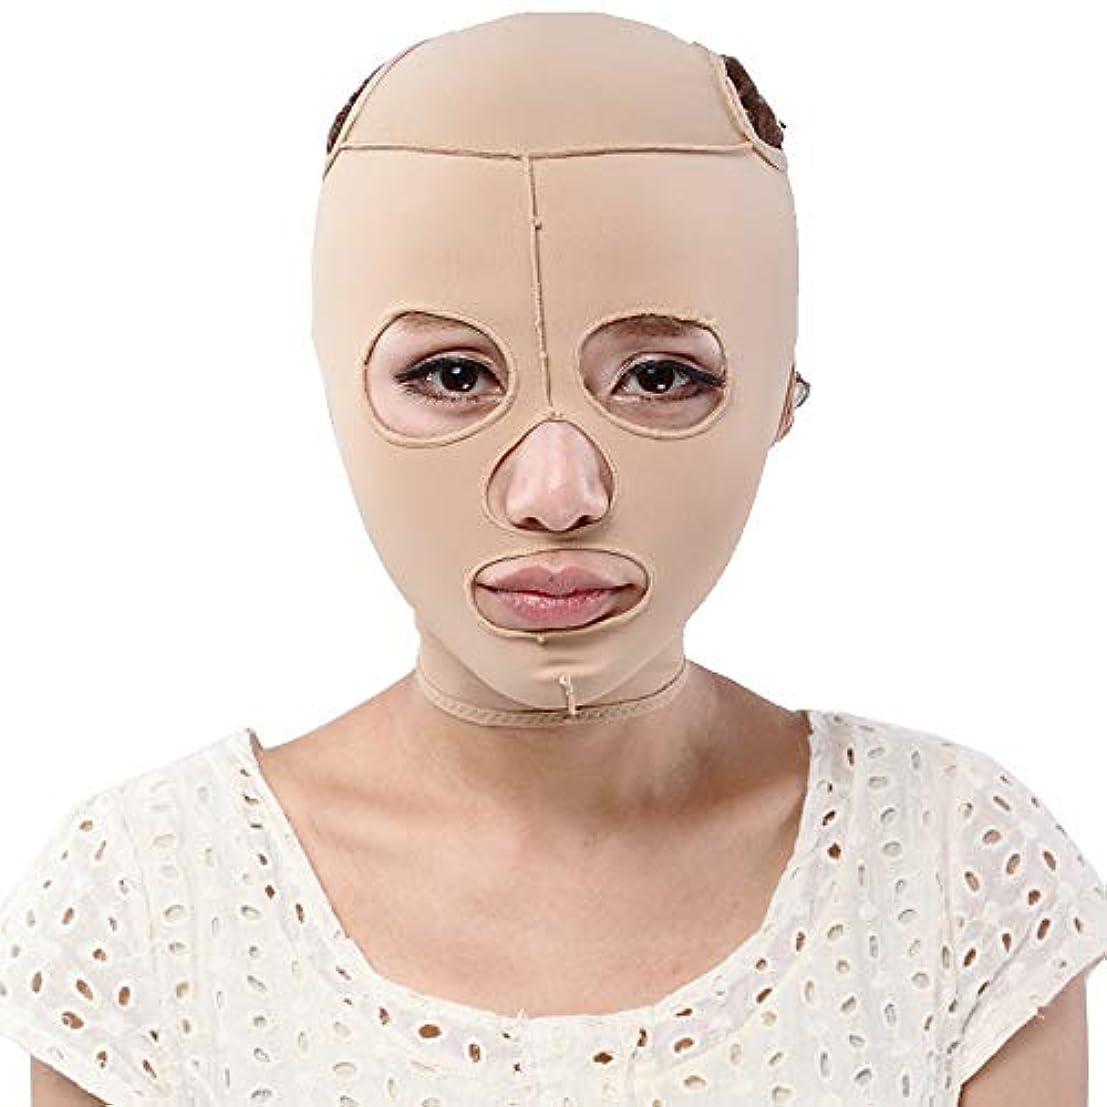 アルコール申し立て十睡眠薄い顔の包帯、ダブル顎の顔を持ち上げる小物V顔マスクタイプリフティングフェイシャル,S